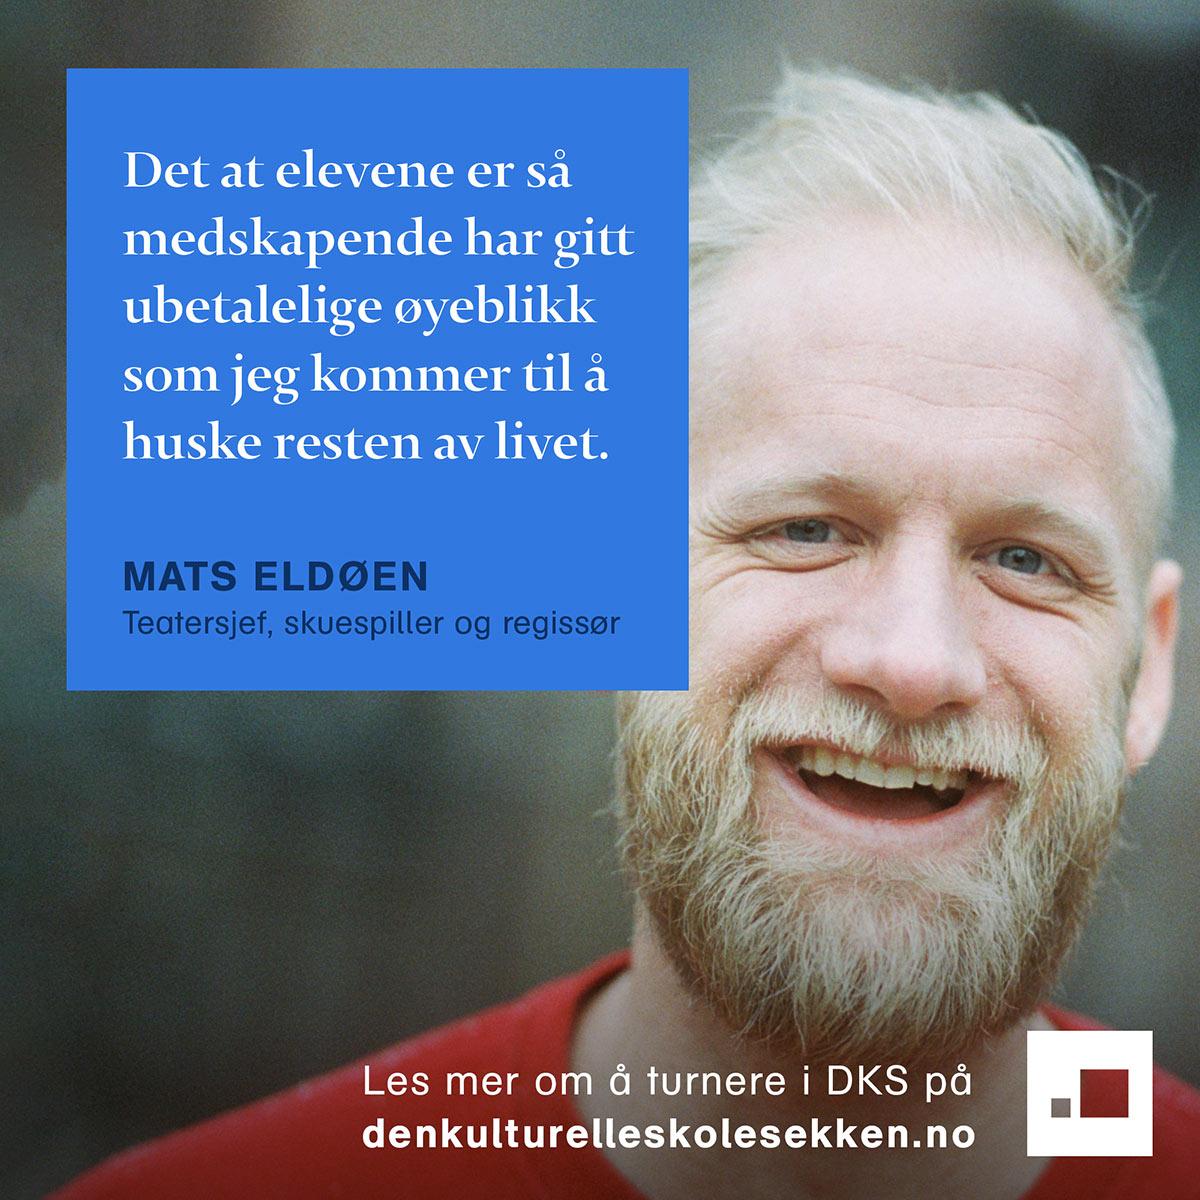 Sitat: Det at elevene er så medskapende har gitt ubetalelige øyeblikk som jeg kommer til å huske resten av livet. - Mats Eldøen